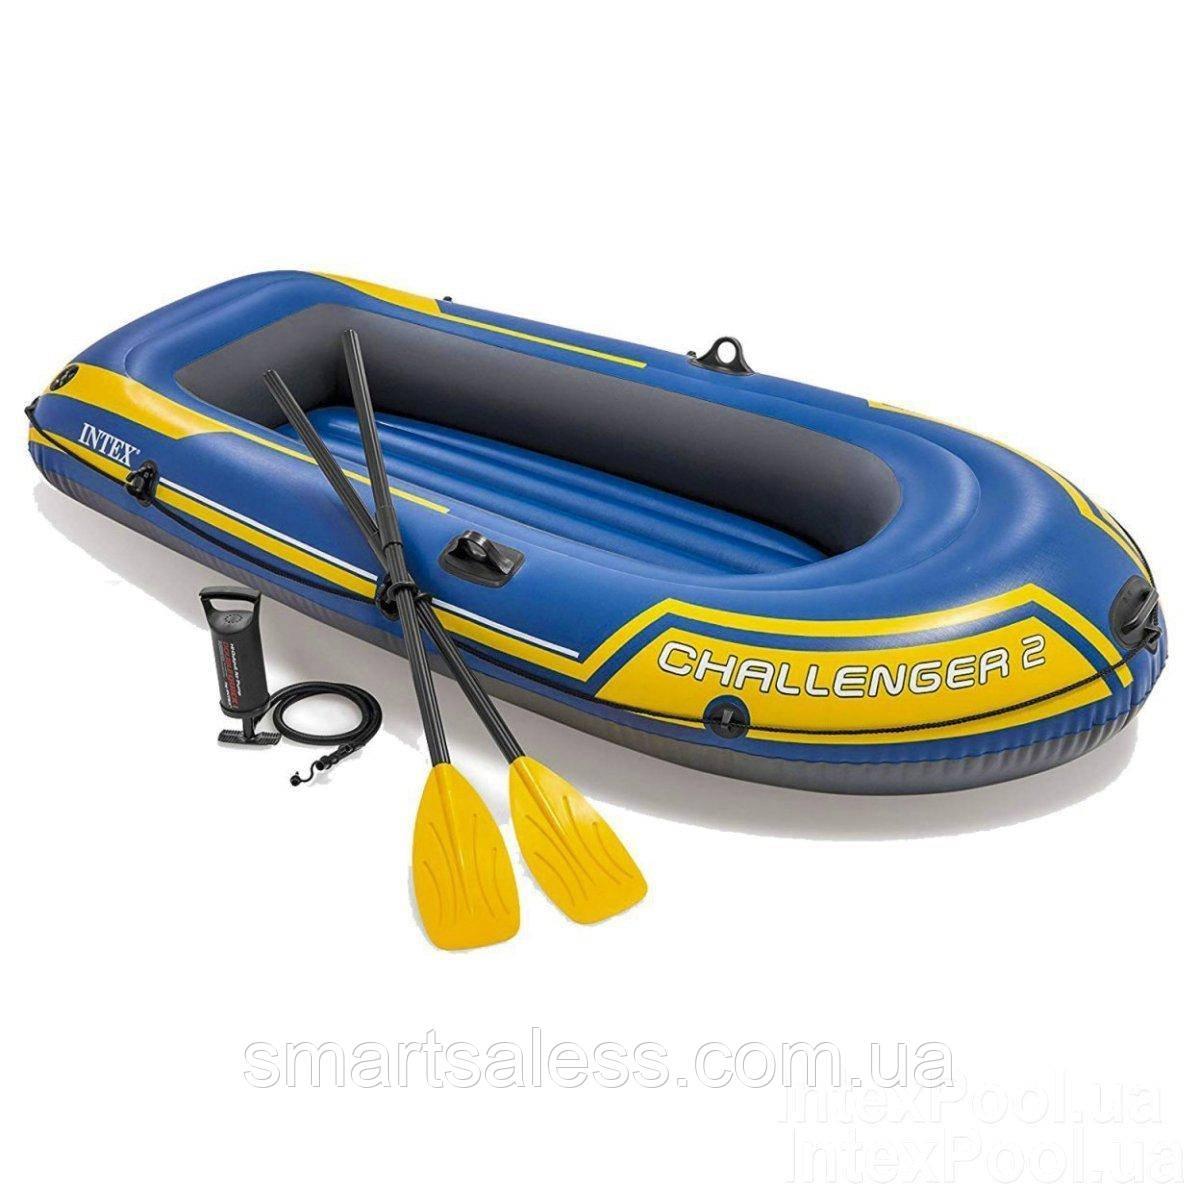 Тримісна Intex надувний човен 68370 Challenger 3 Set, 295 х 137 см, з веслами і насосом